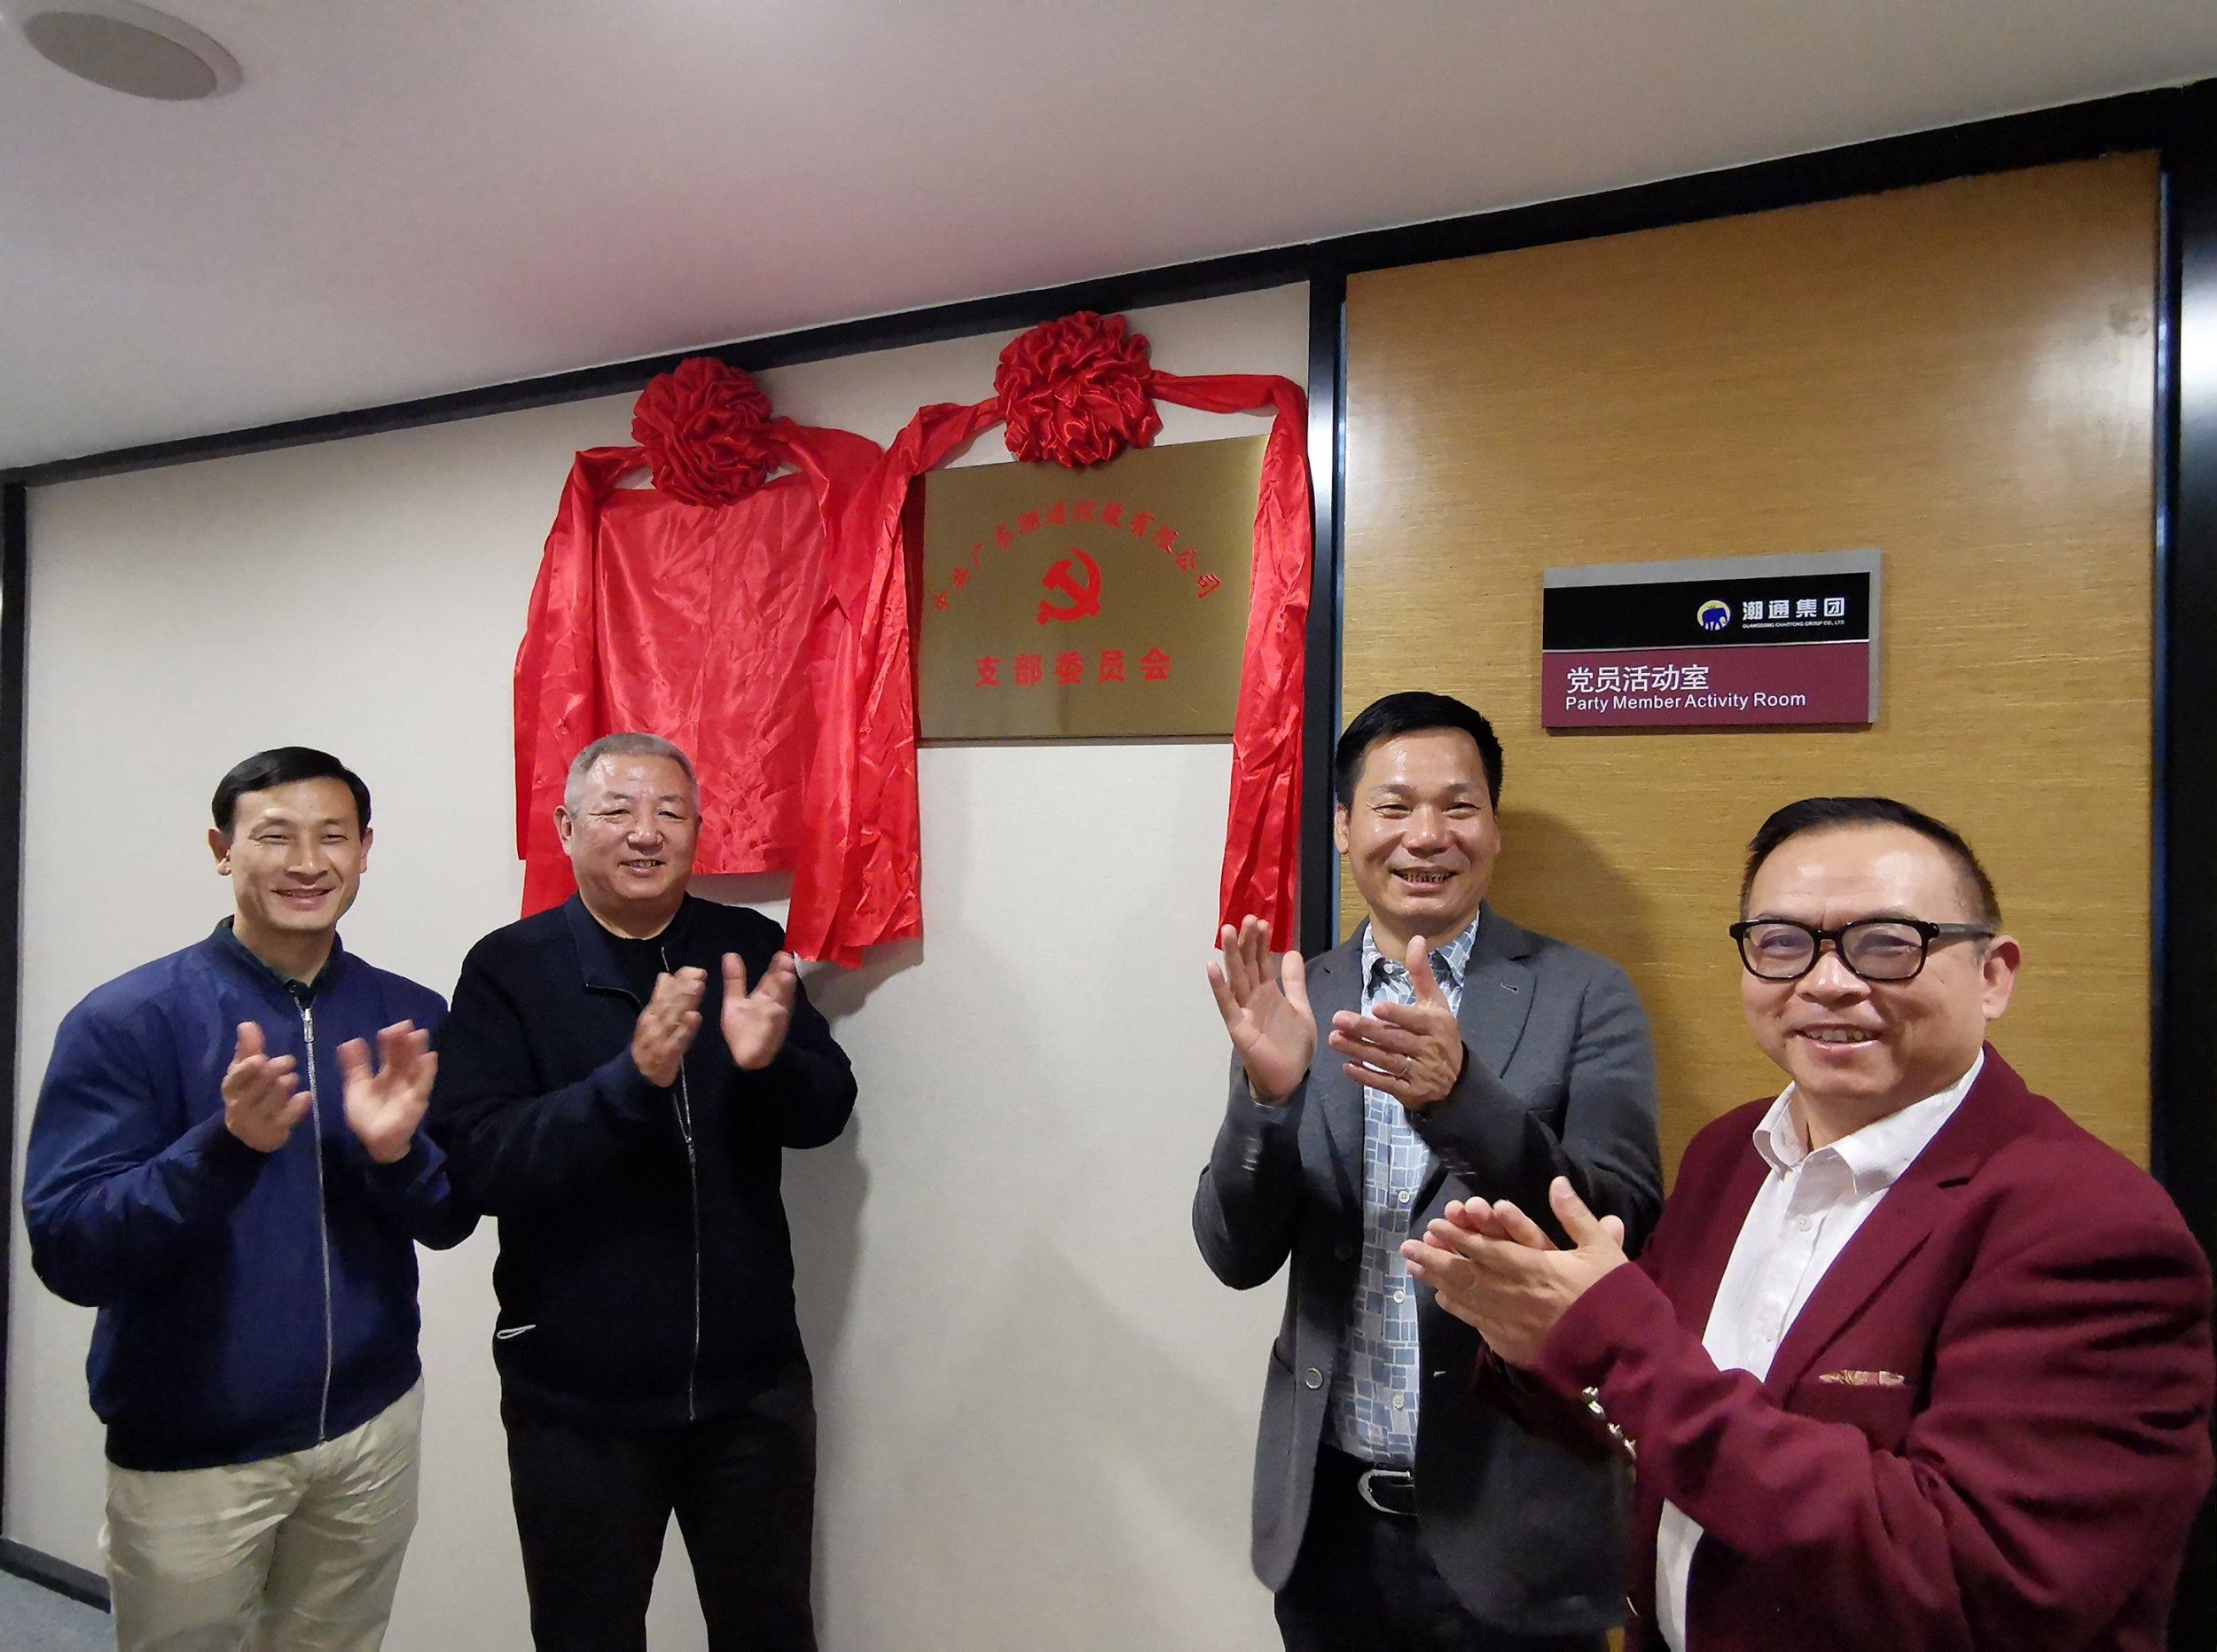 潮通控股党支部举行揭牌仪式